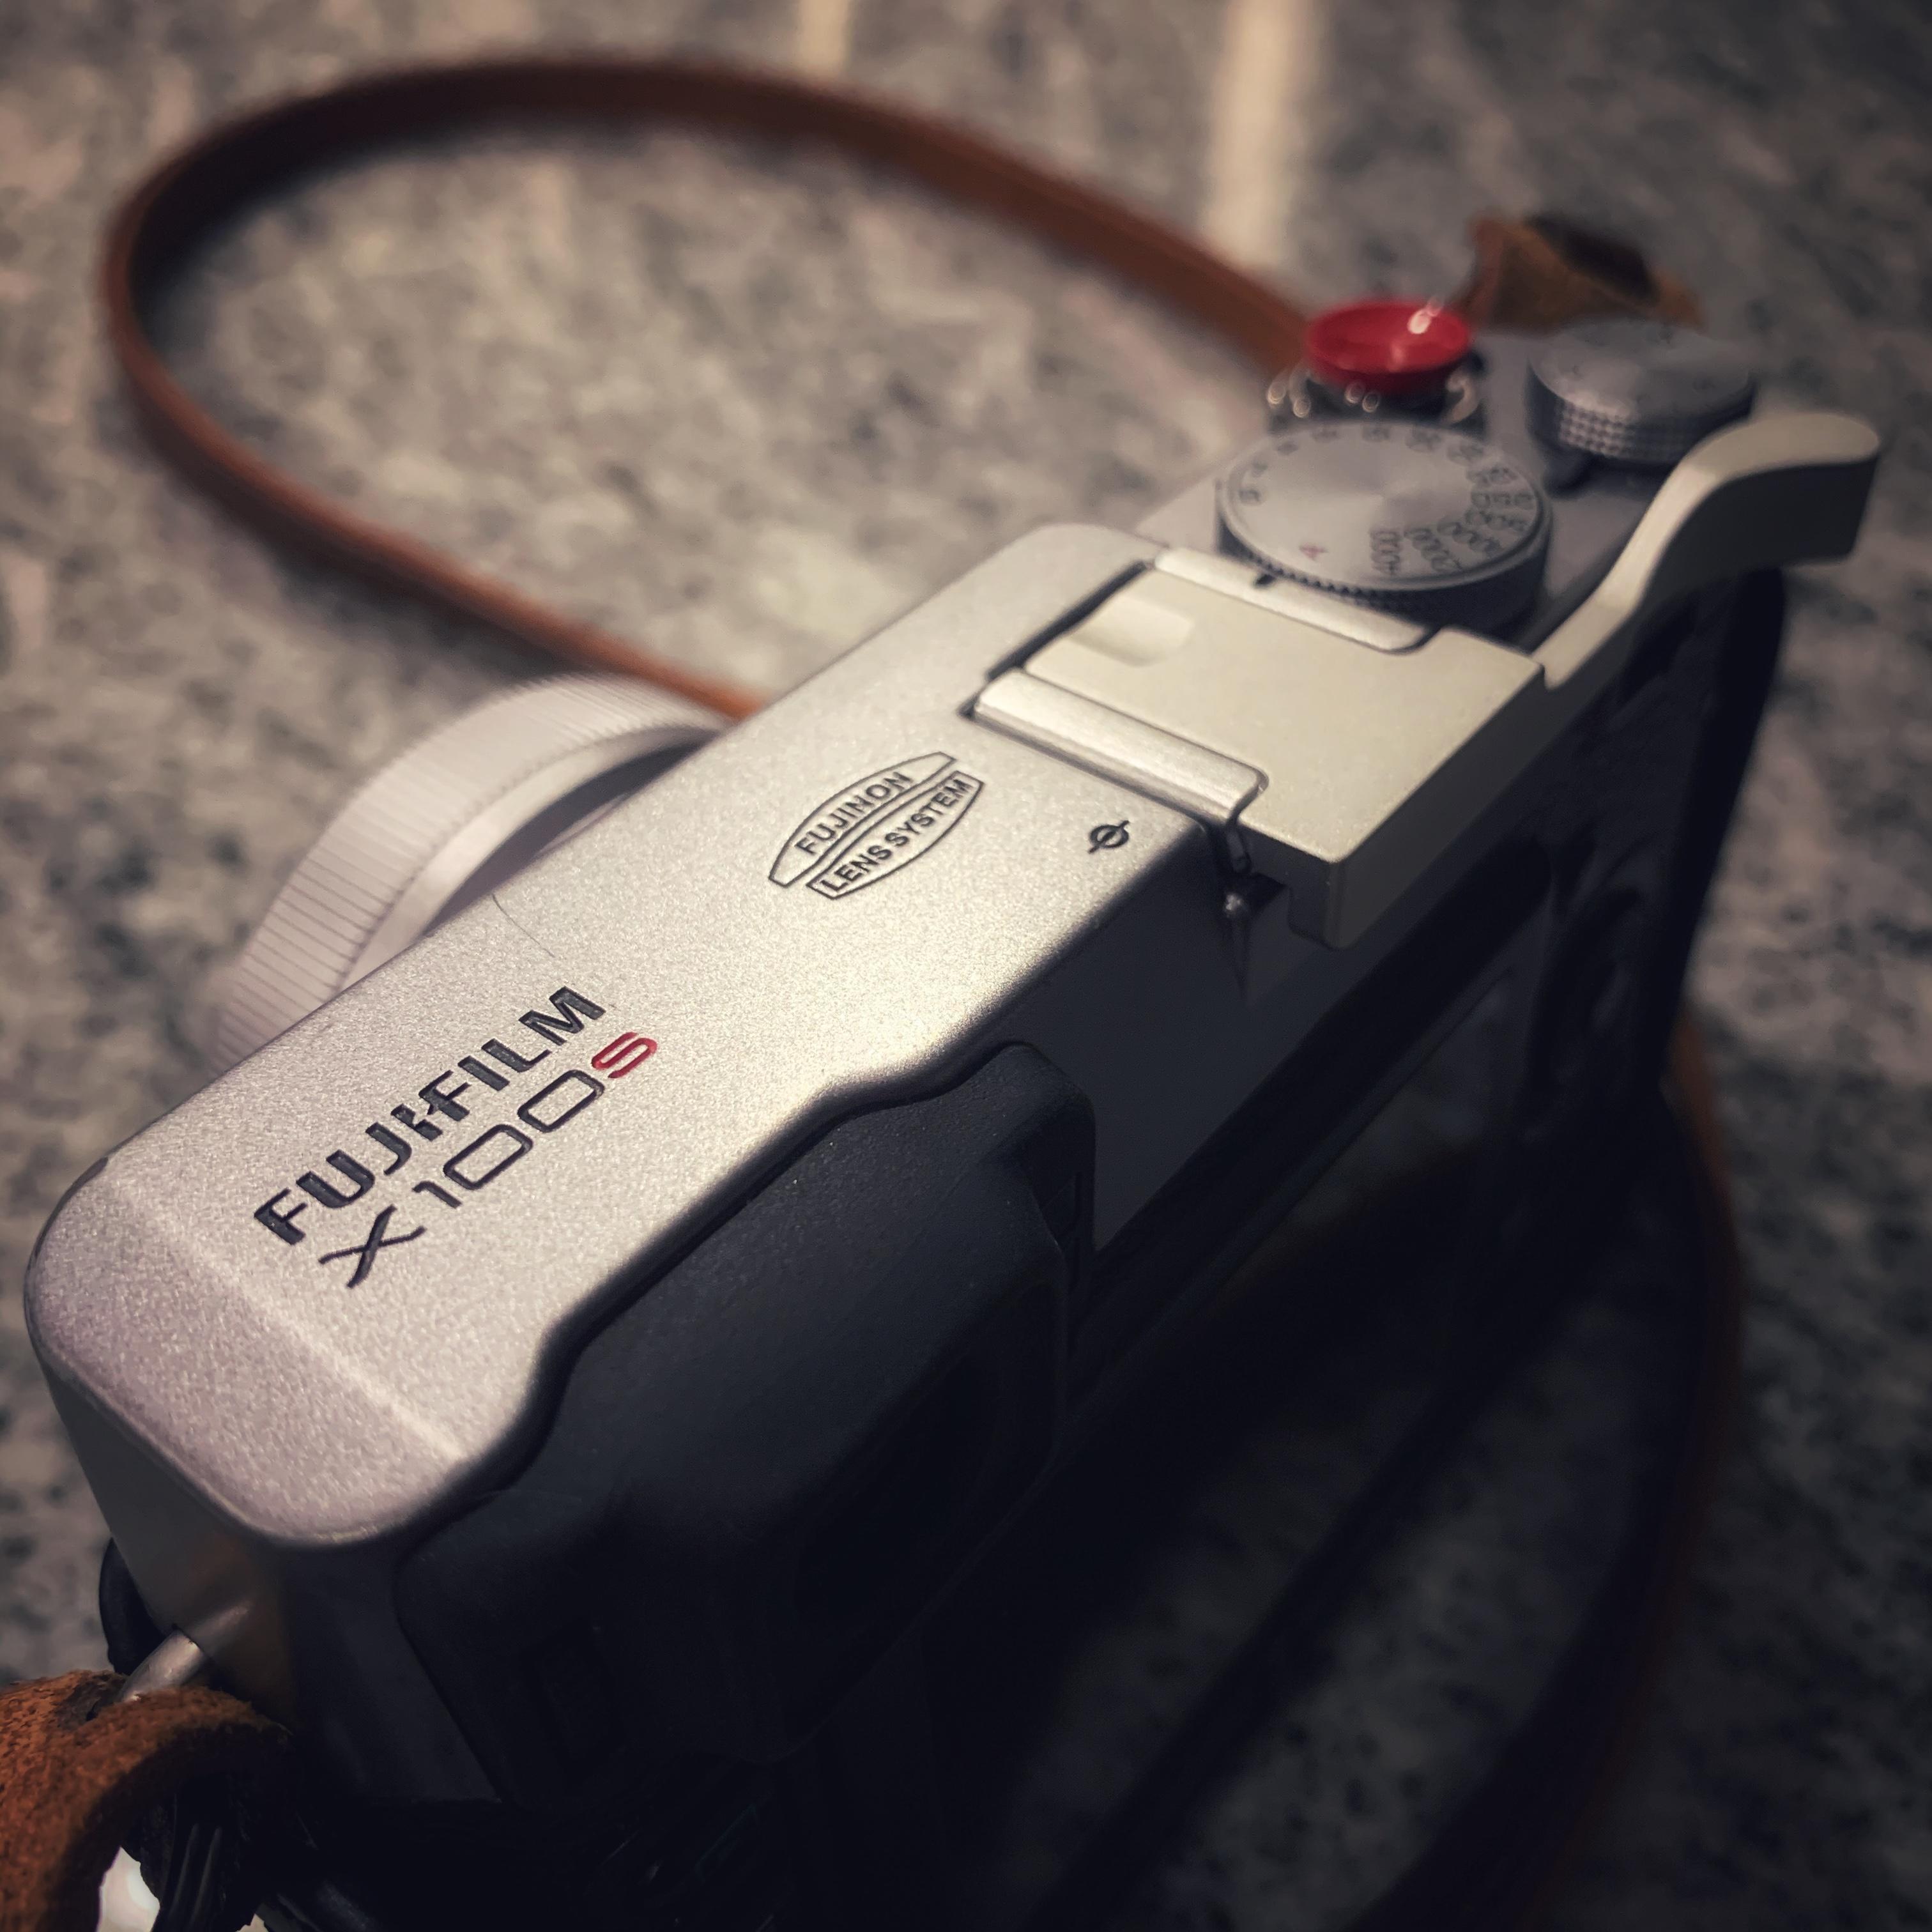 Fujifilm X100S camera.